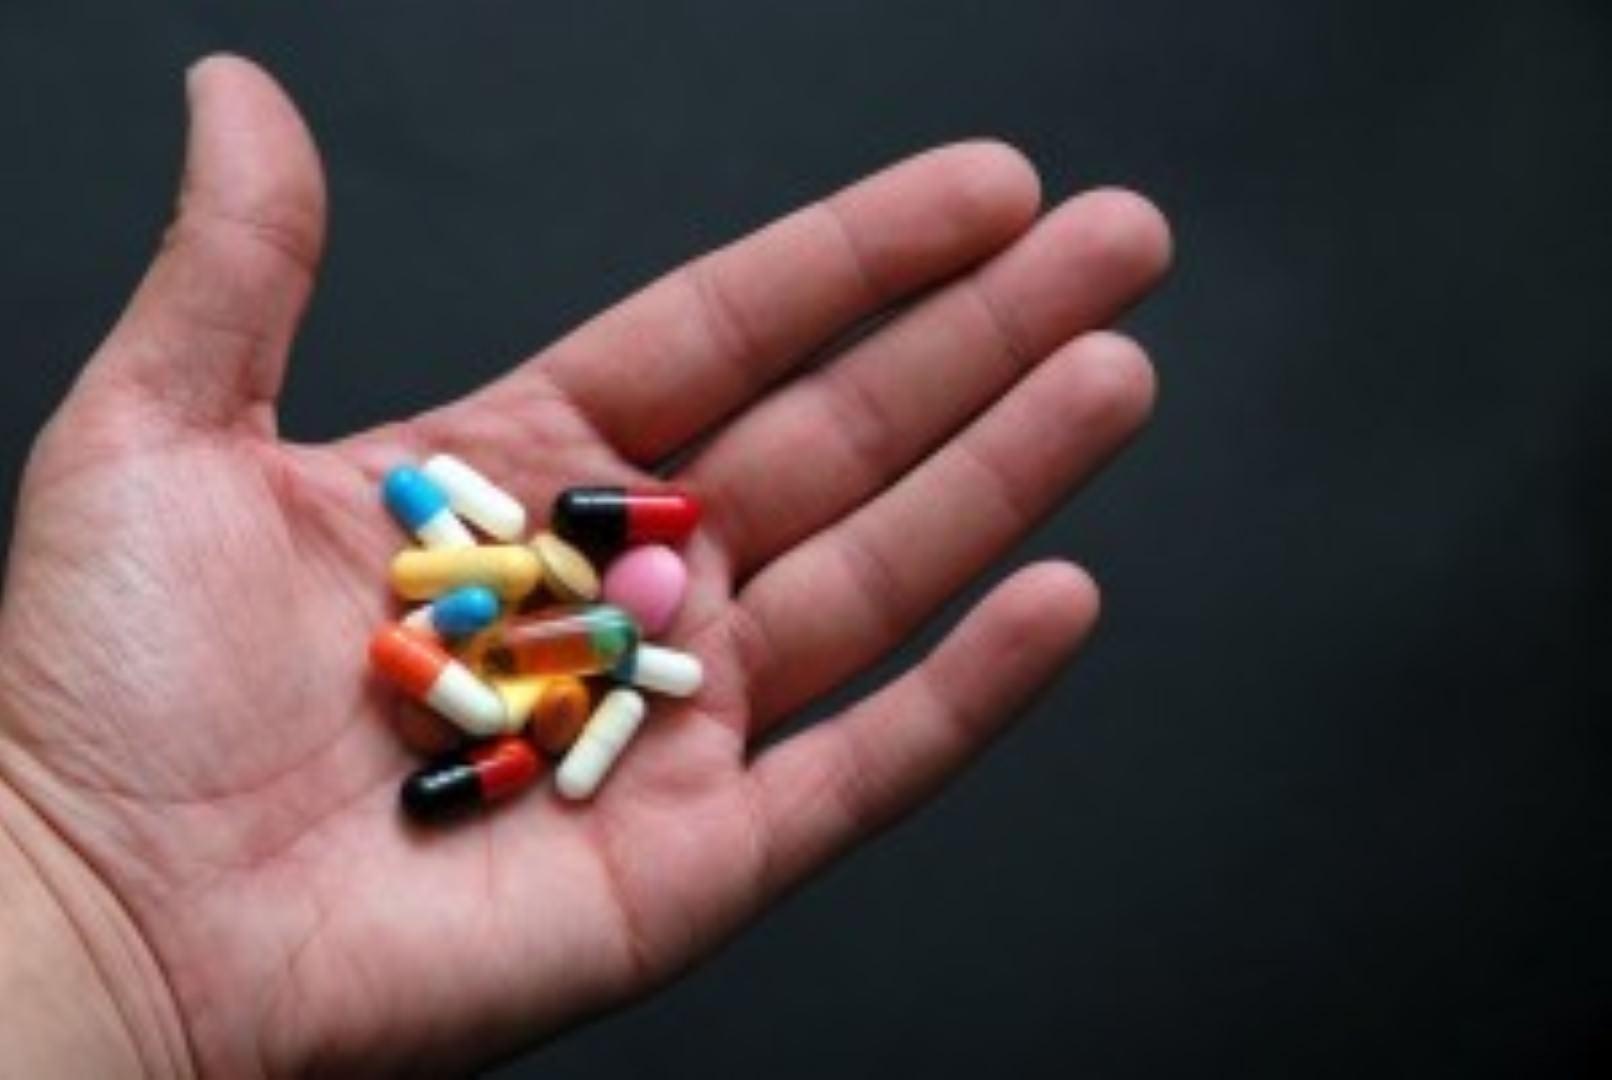 gluten in medications